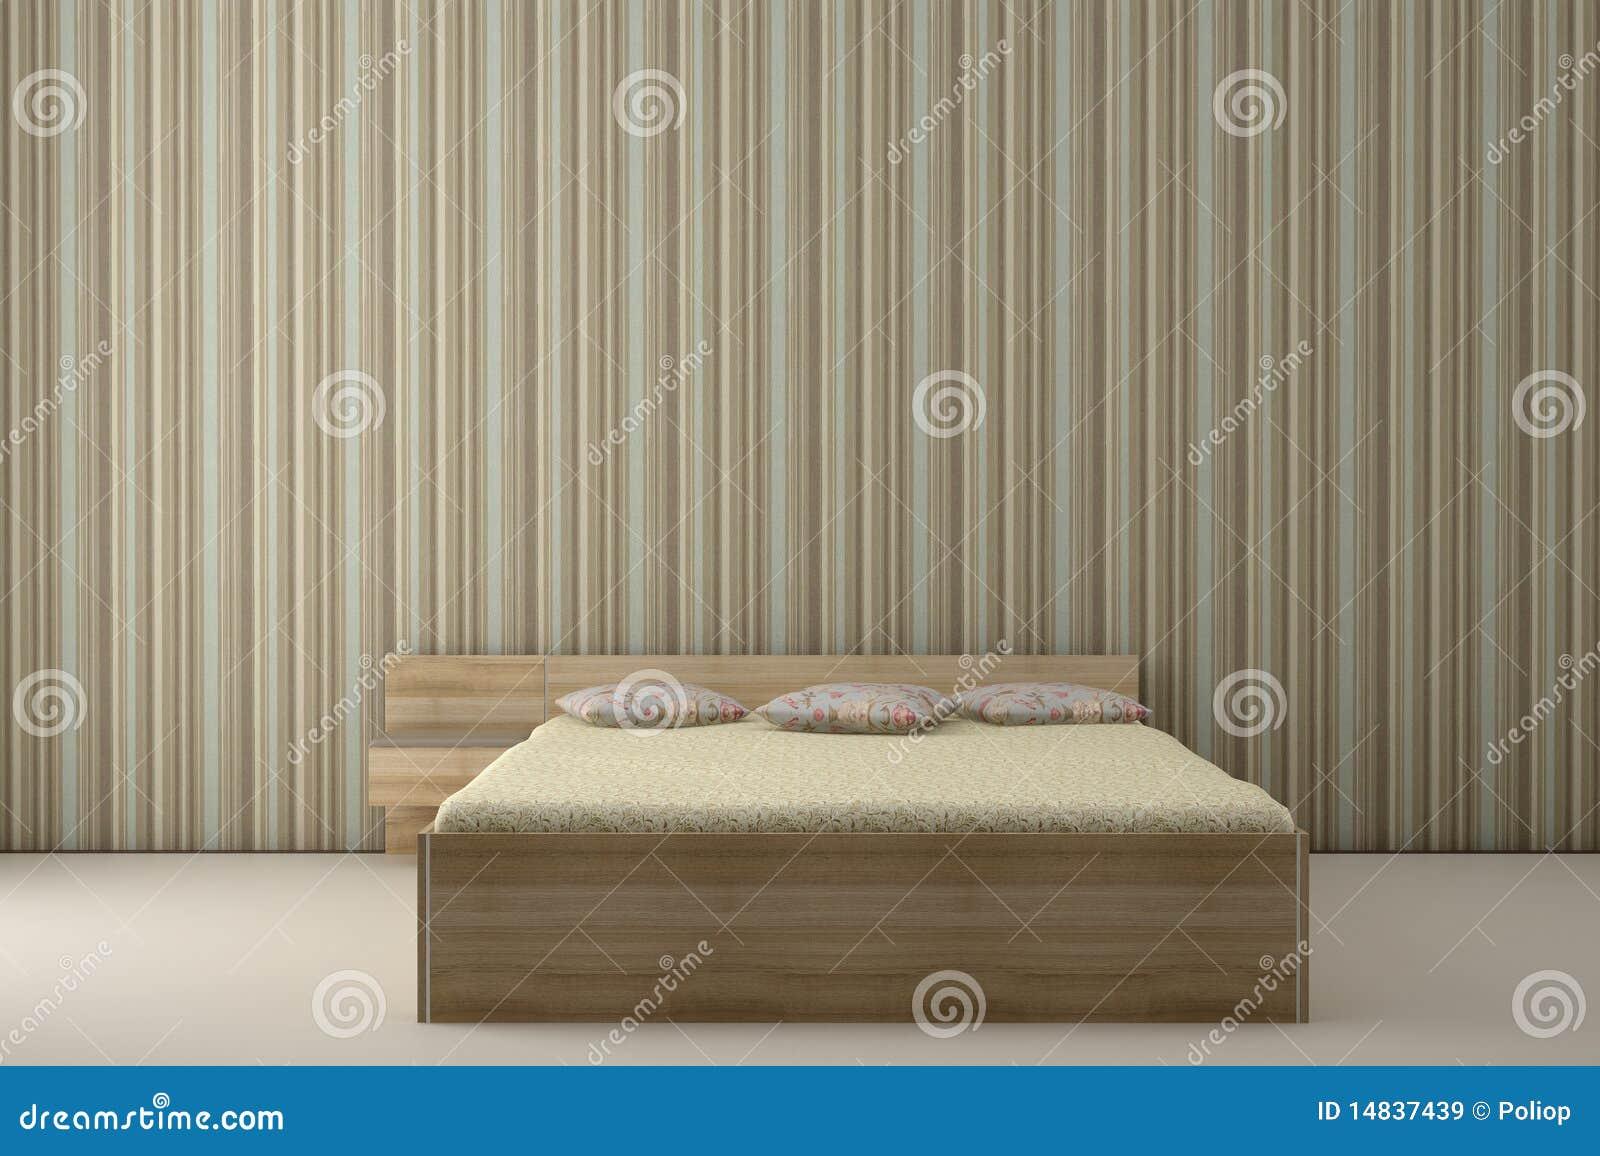 Natuur Behang Slaapkamer : Slaapkamer En Gestreept Behang Royalty ...